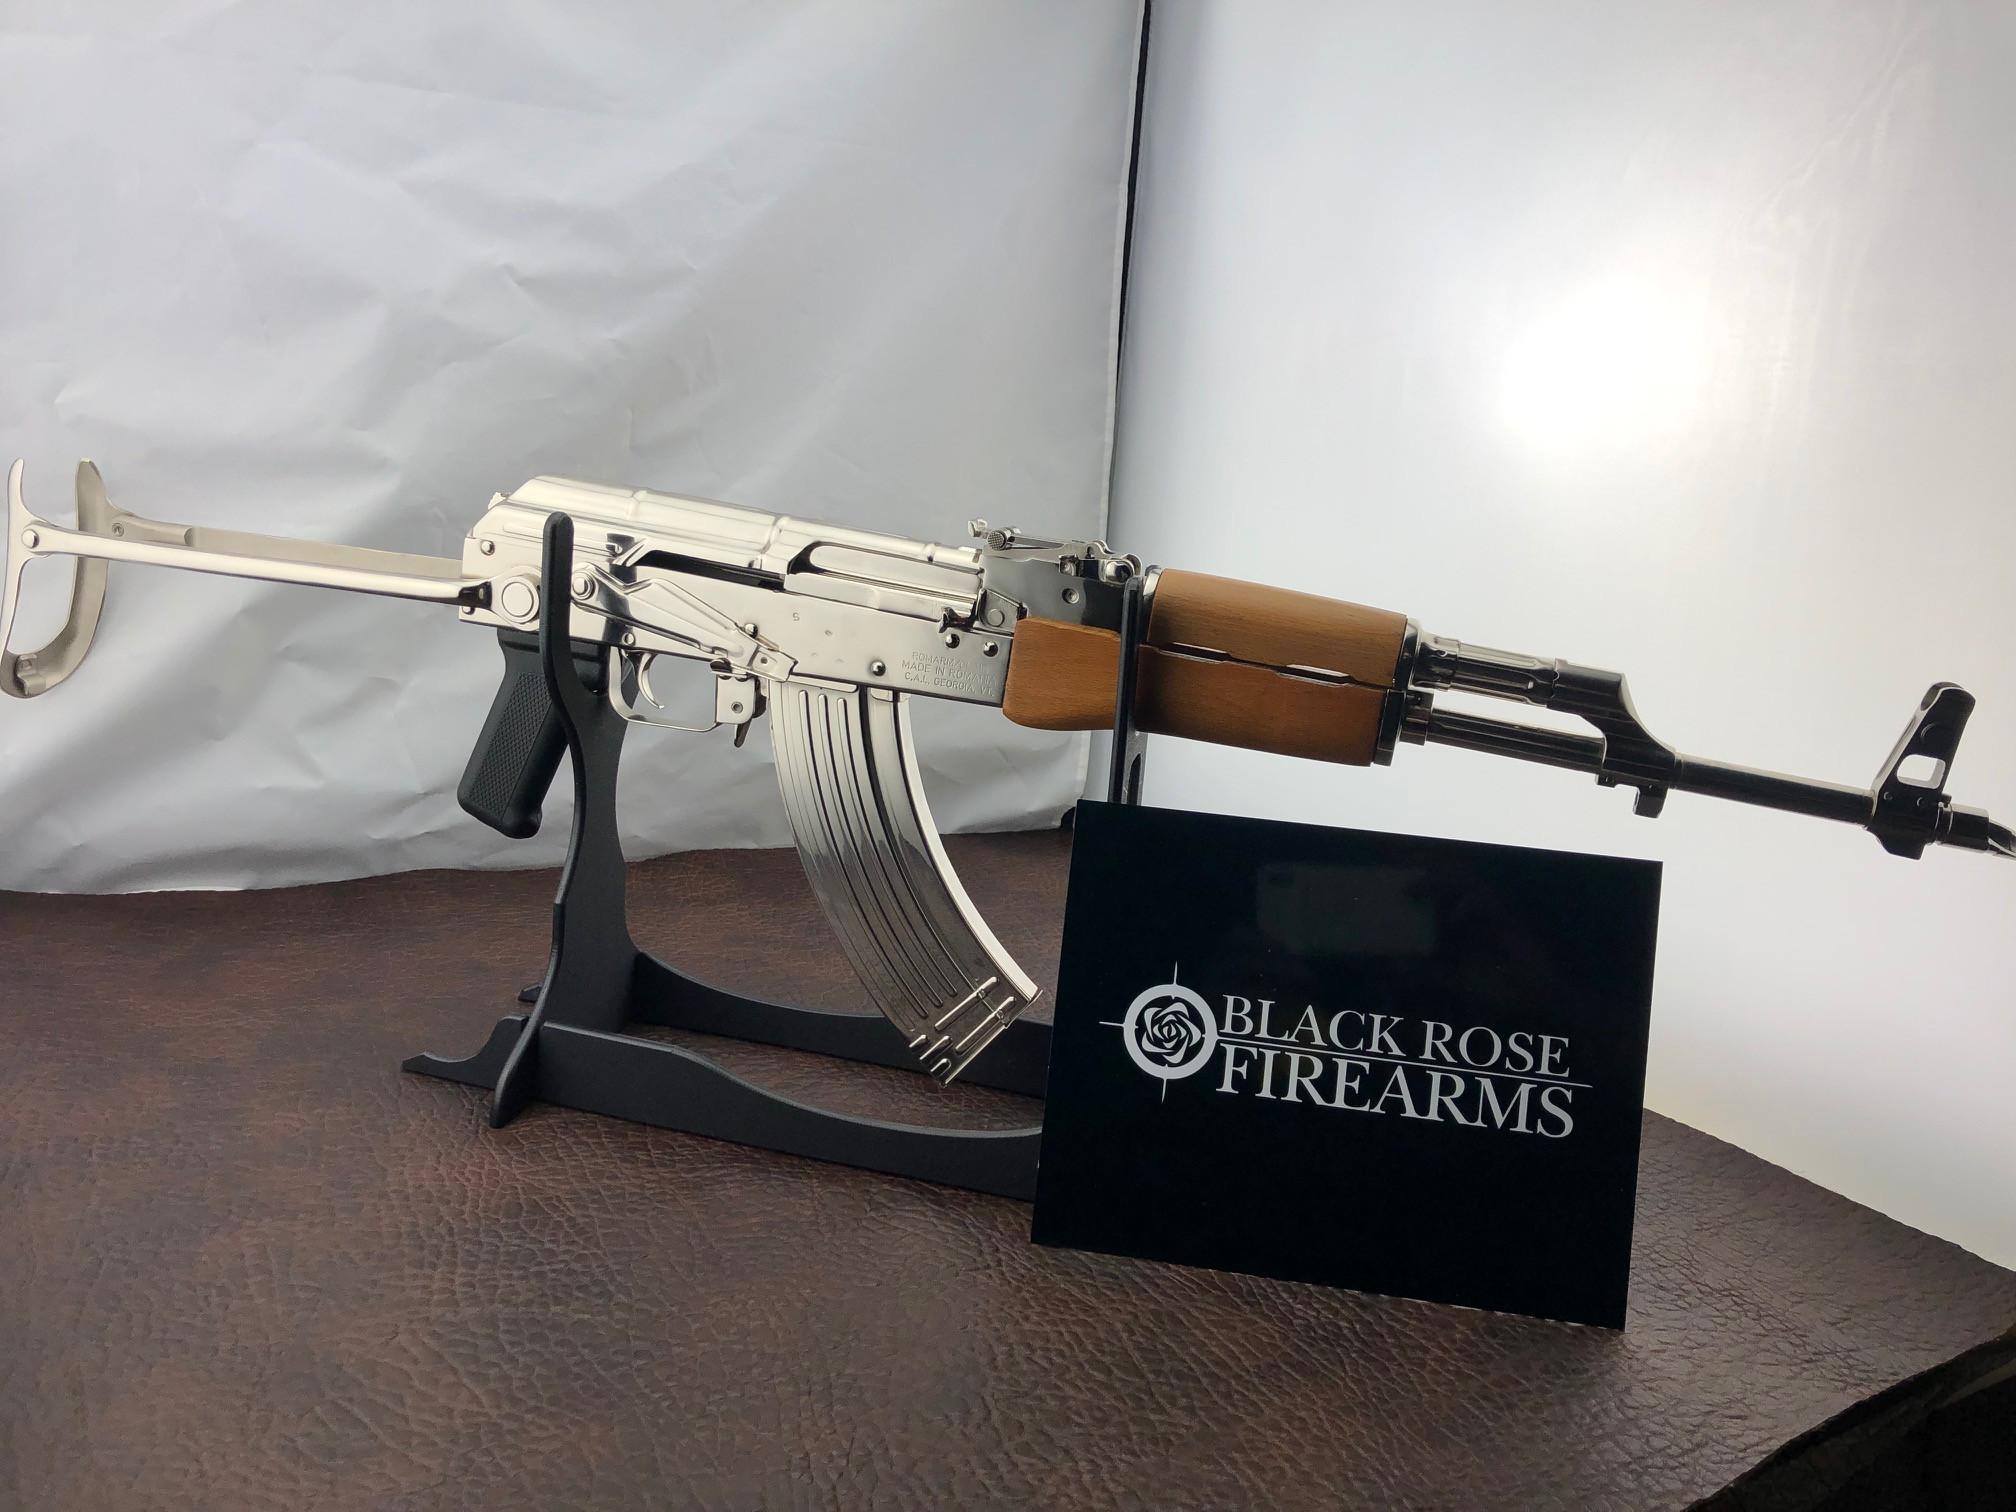 Century Arms Wasr10 Underfolder Nickel Plated 7 62x39 AK47